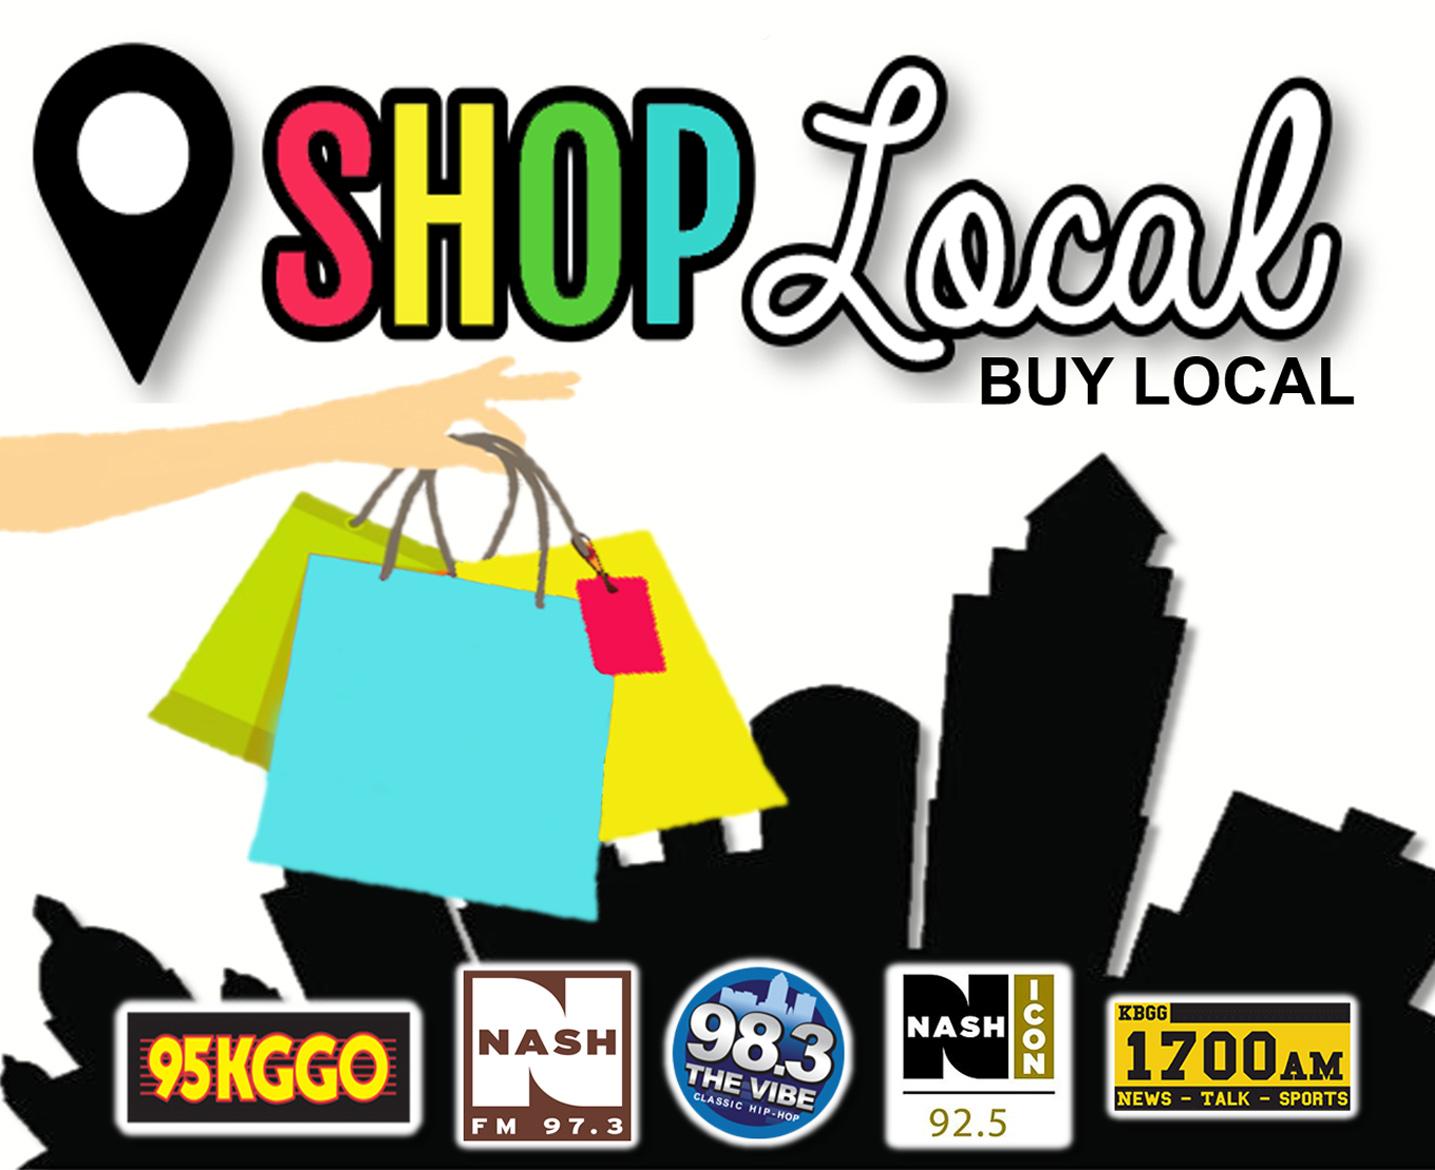 Shop Local, Buy Local